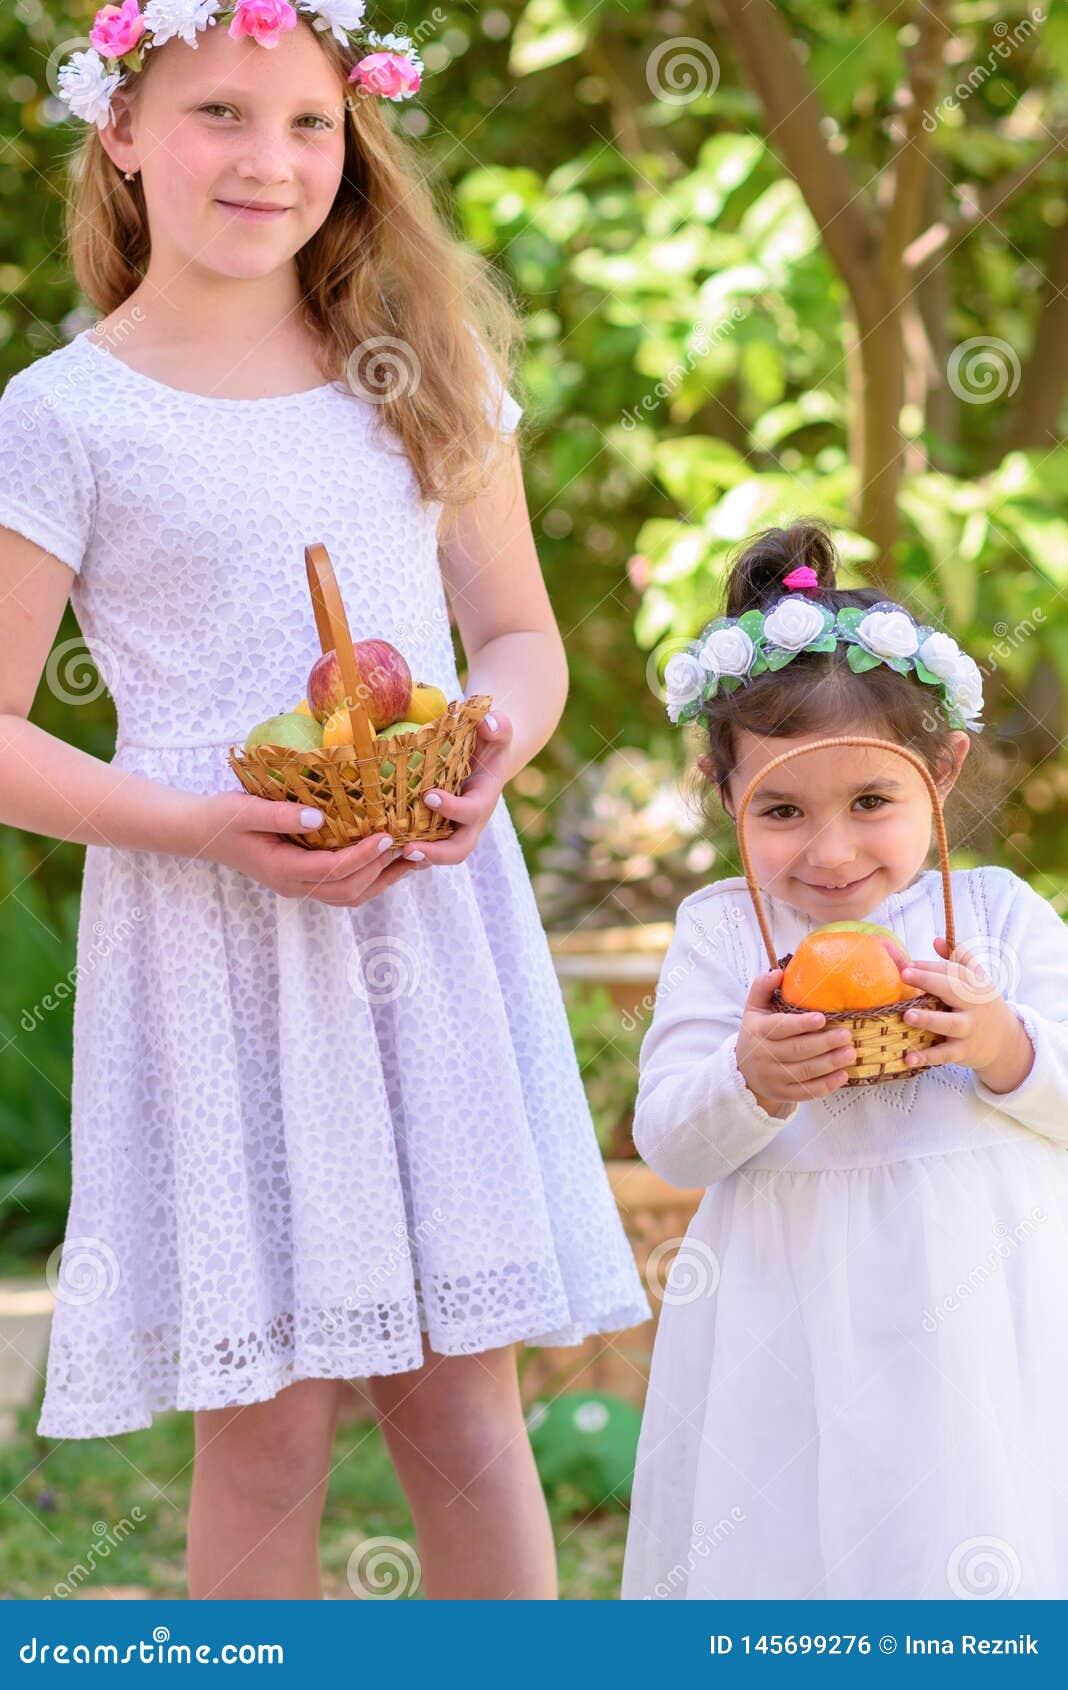 Еврейский праздник Shavuot Маленькие девочки HarvestTwo в белом платье держат корзину со свежими фруктами в саде лета